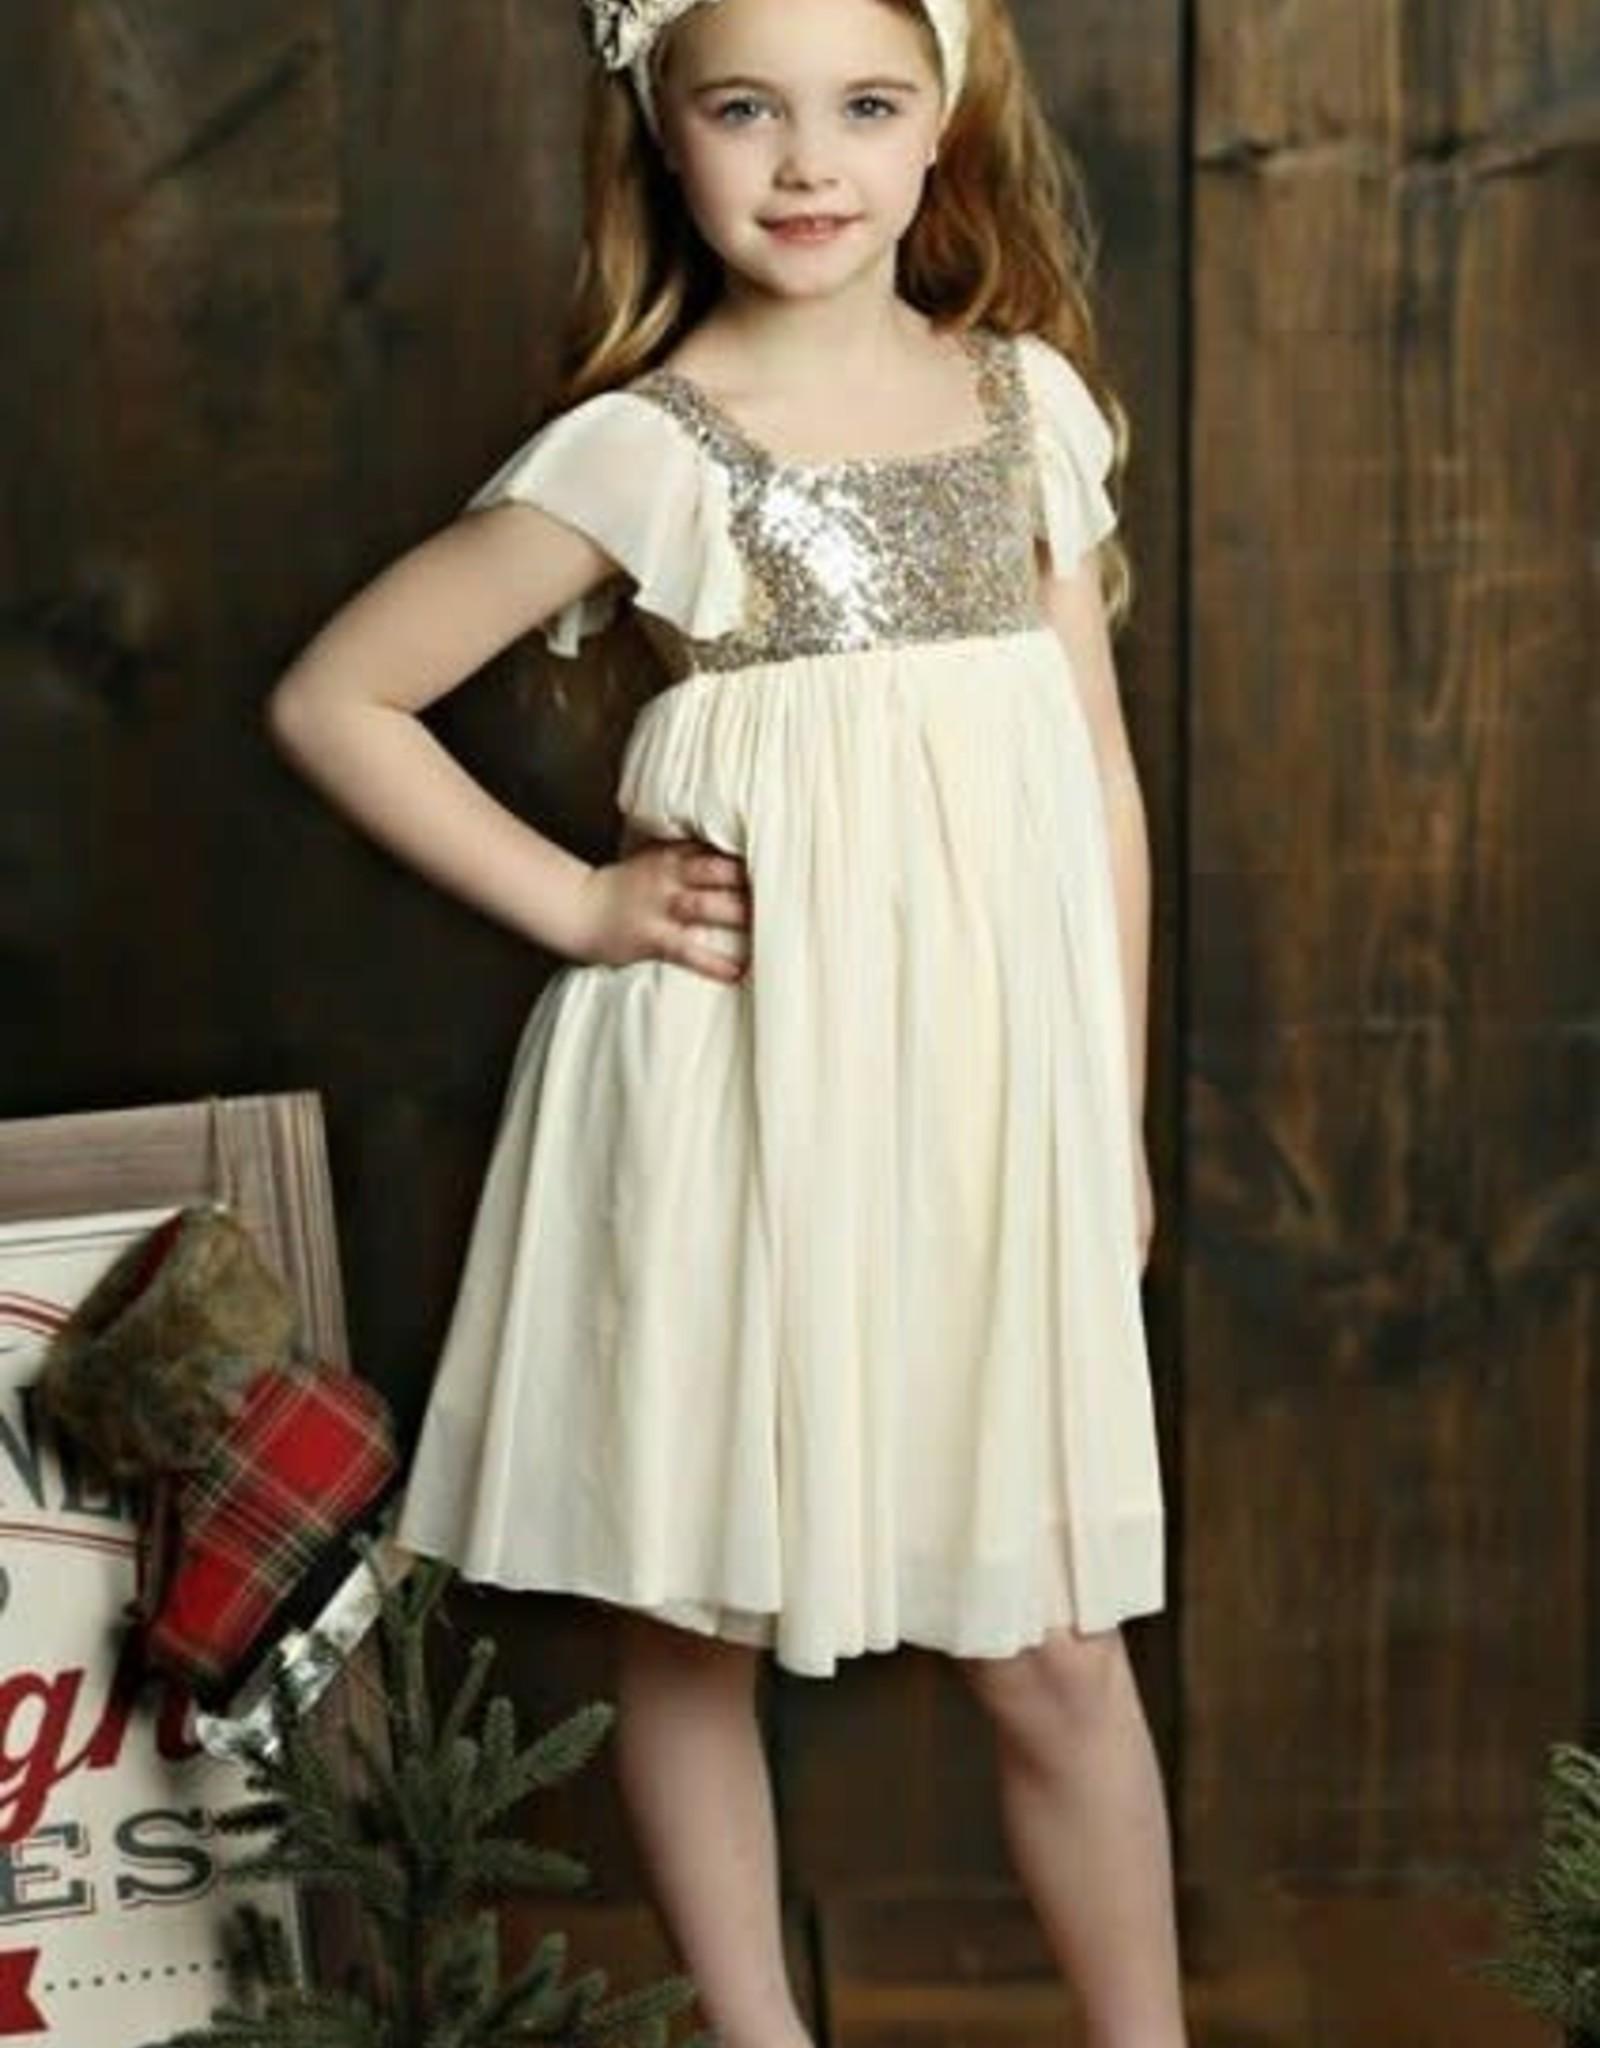 Mustard Pie Vanilla Shimmer Dress